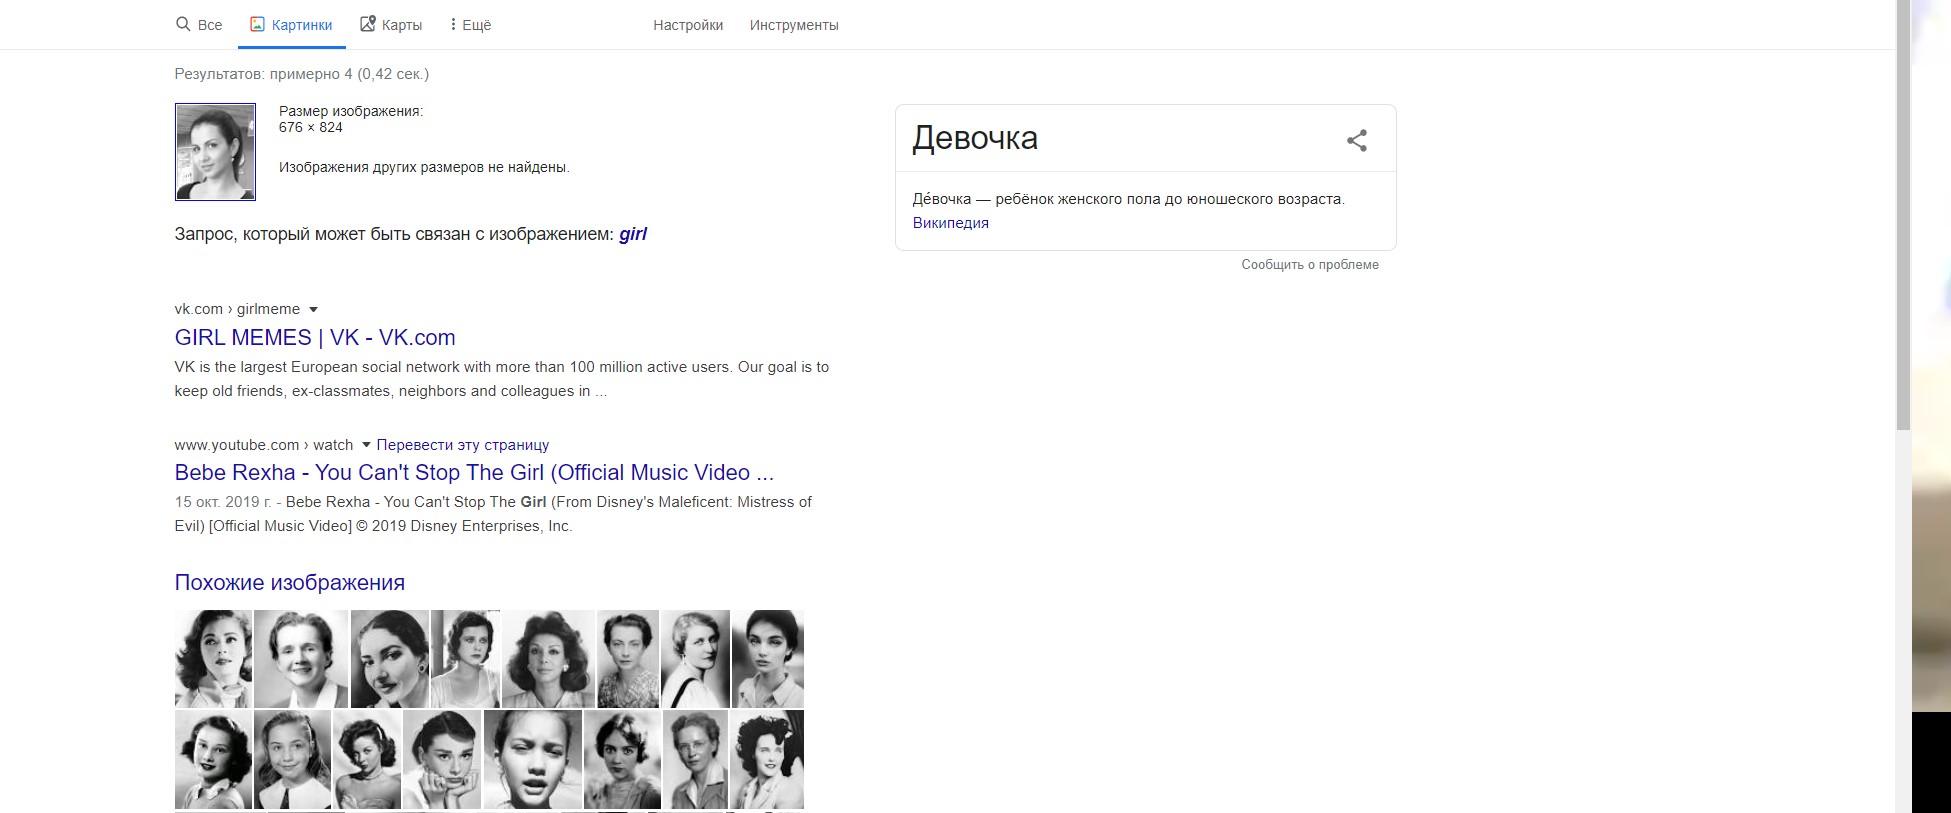 поиск по фото в гугл